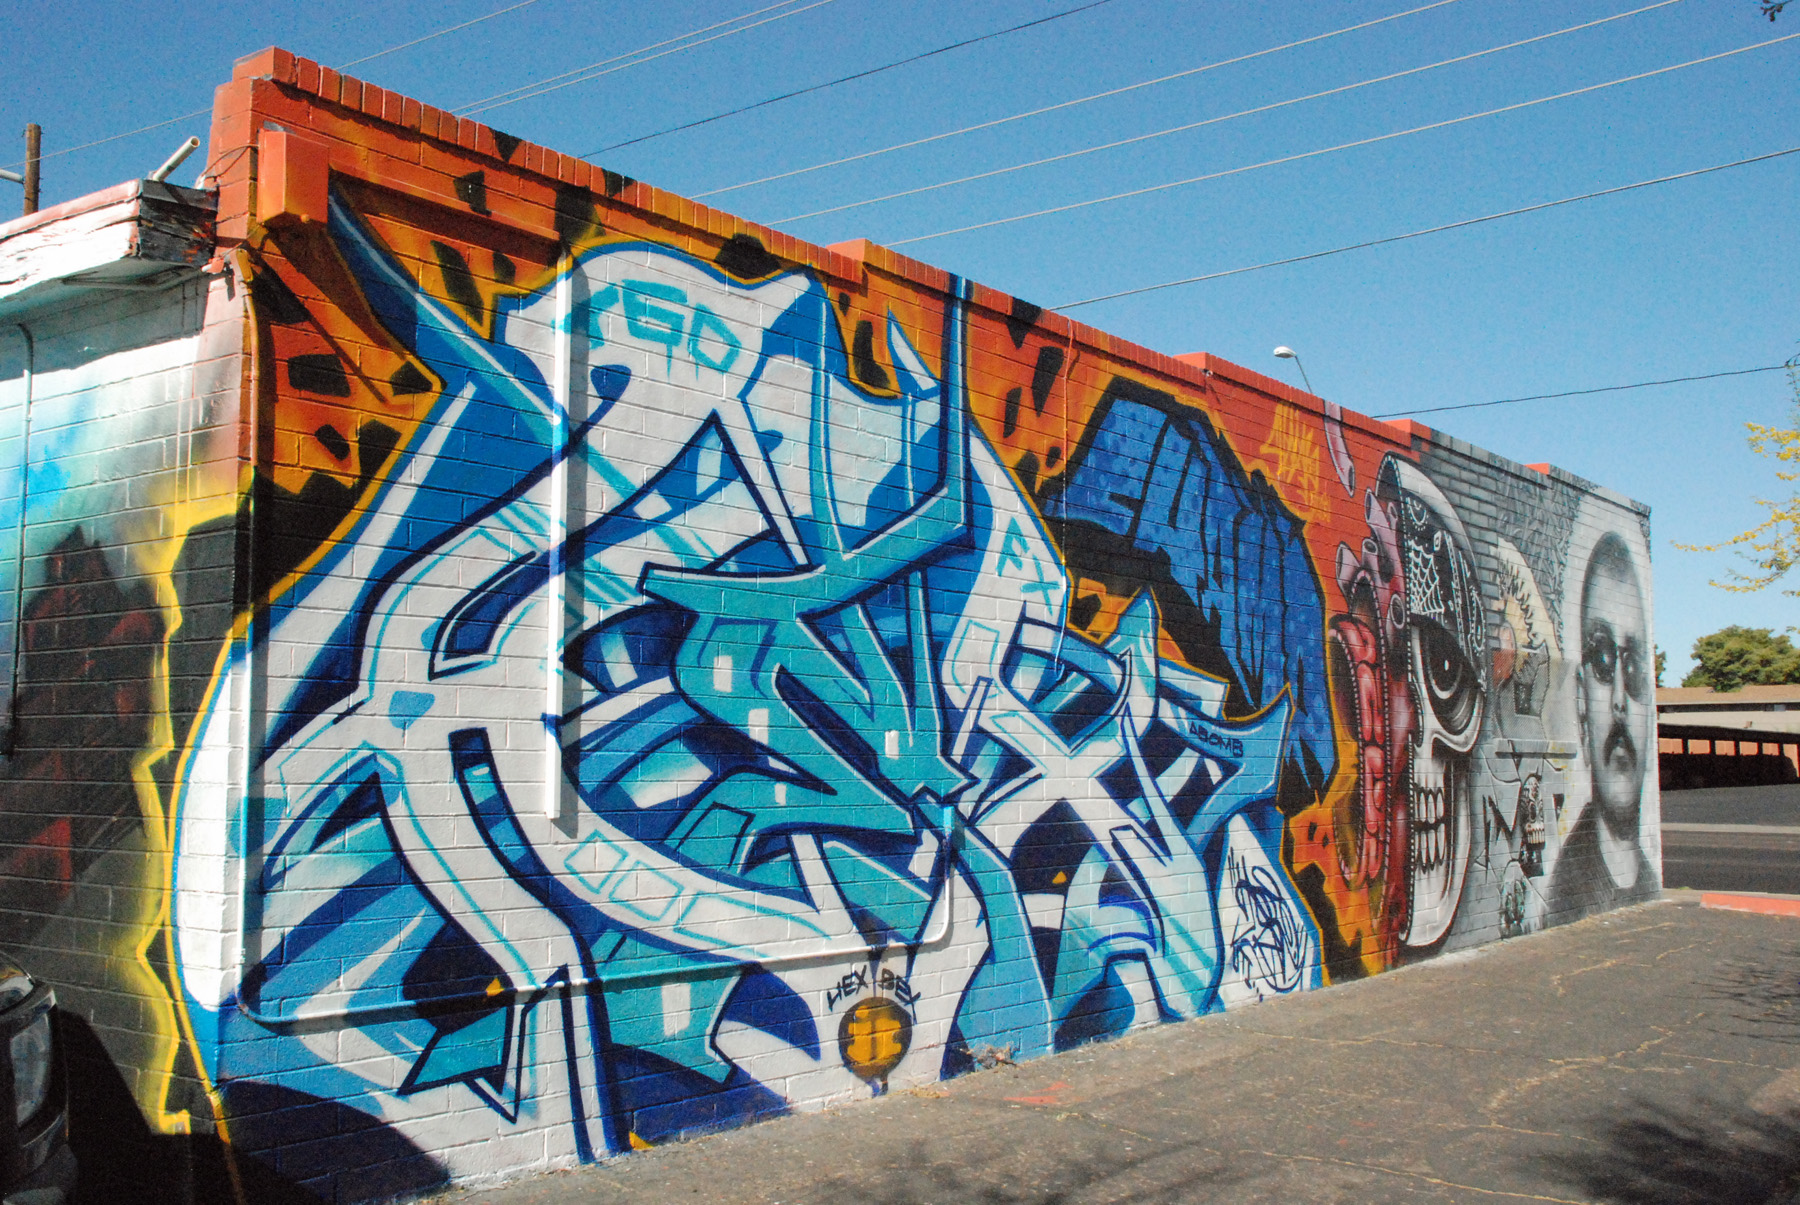 Arizona block wall murals gallery brayden studio for Birkenrinde wall mural